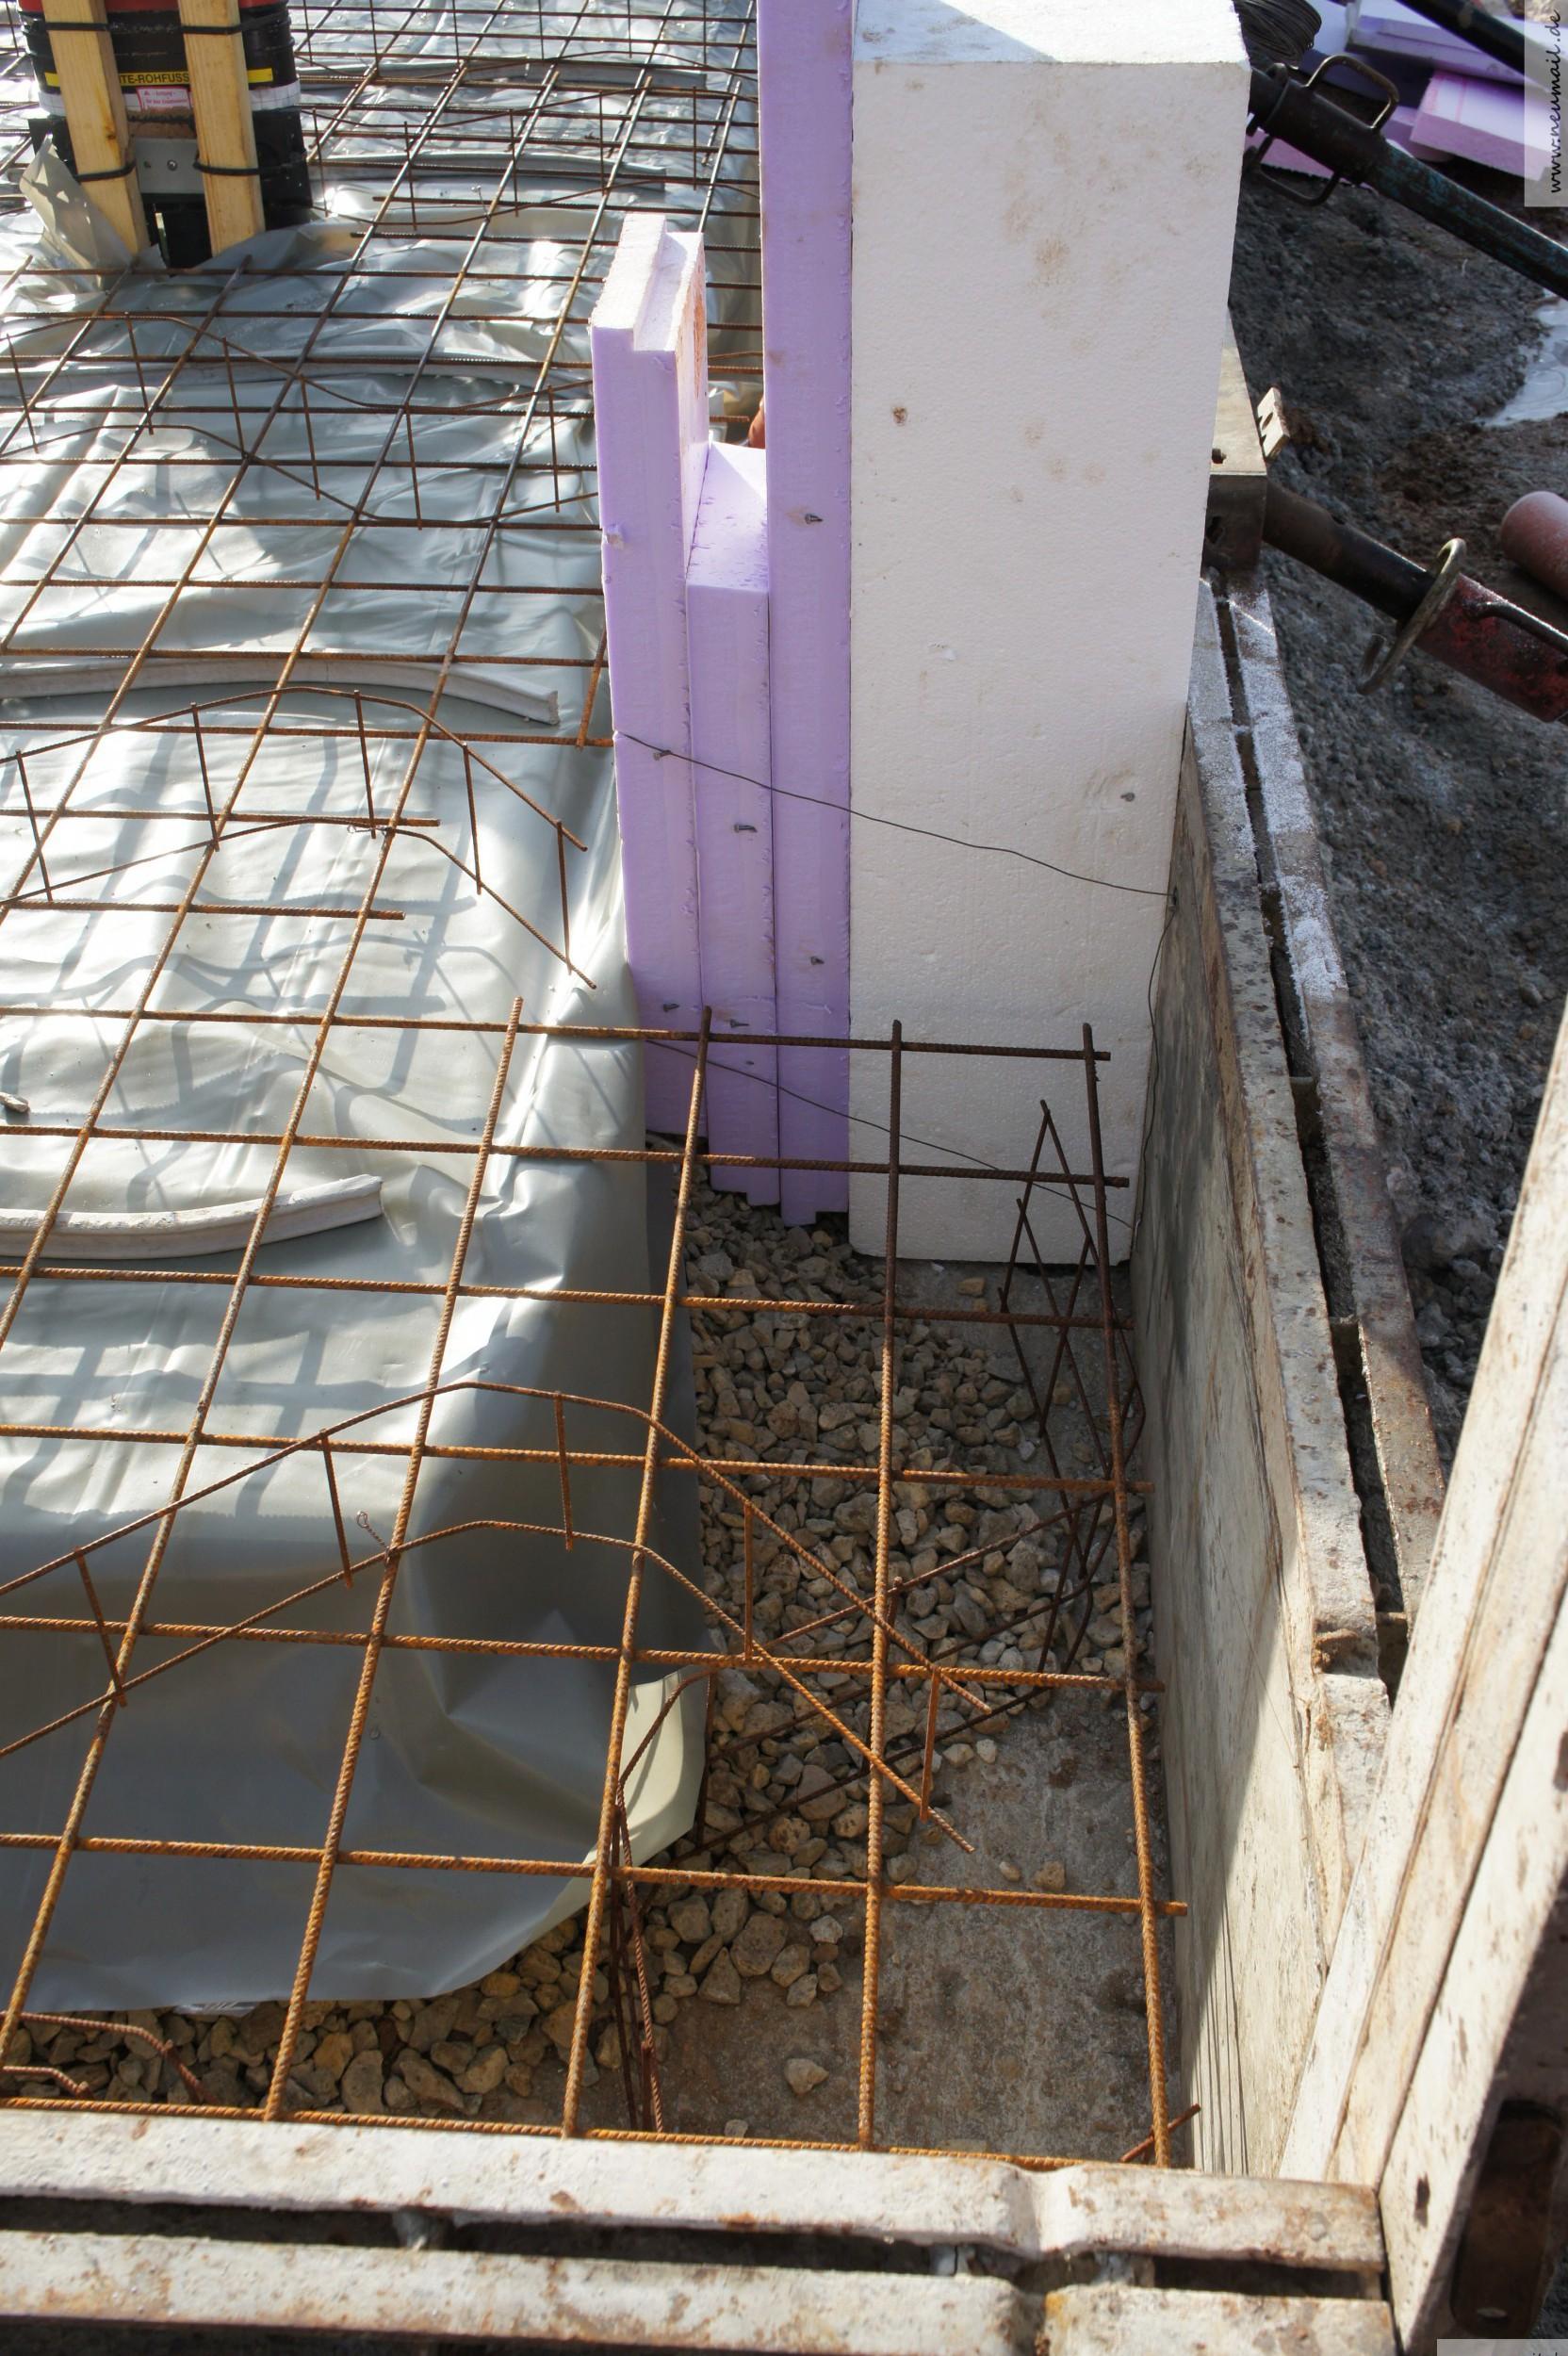 Platzhalter für die Leitungen zum Aussengerät der Wärmepumpe.